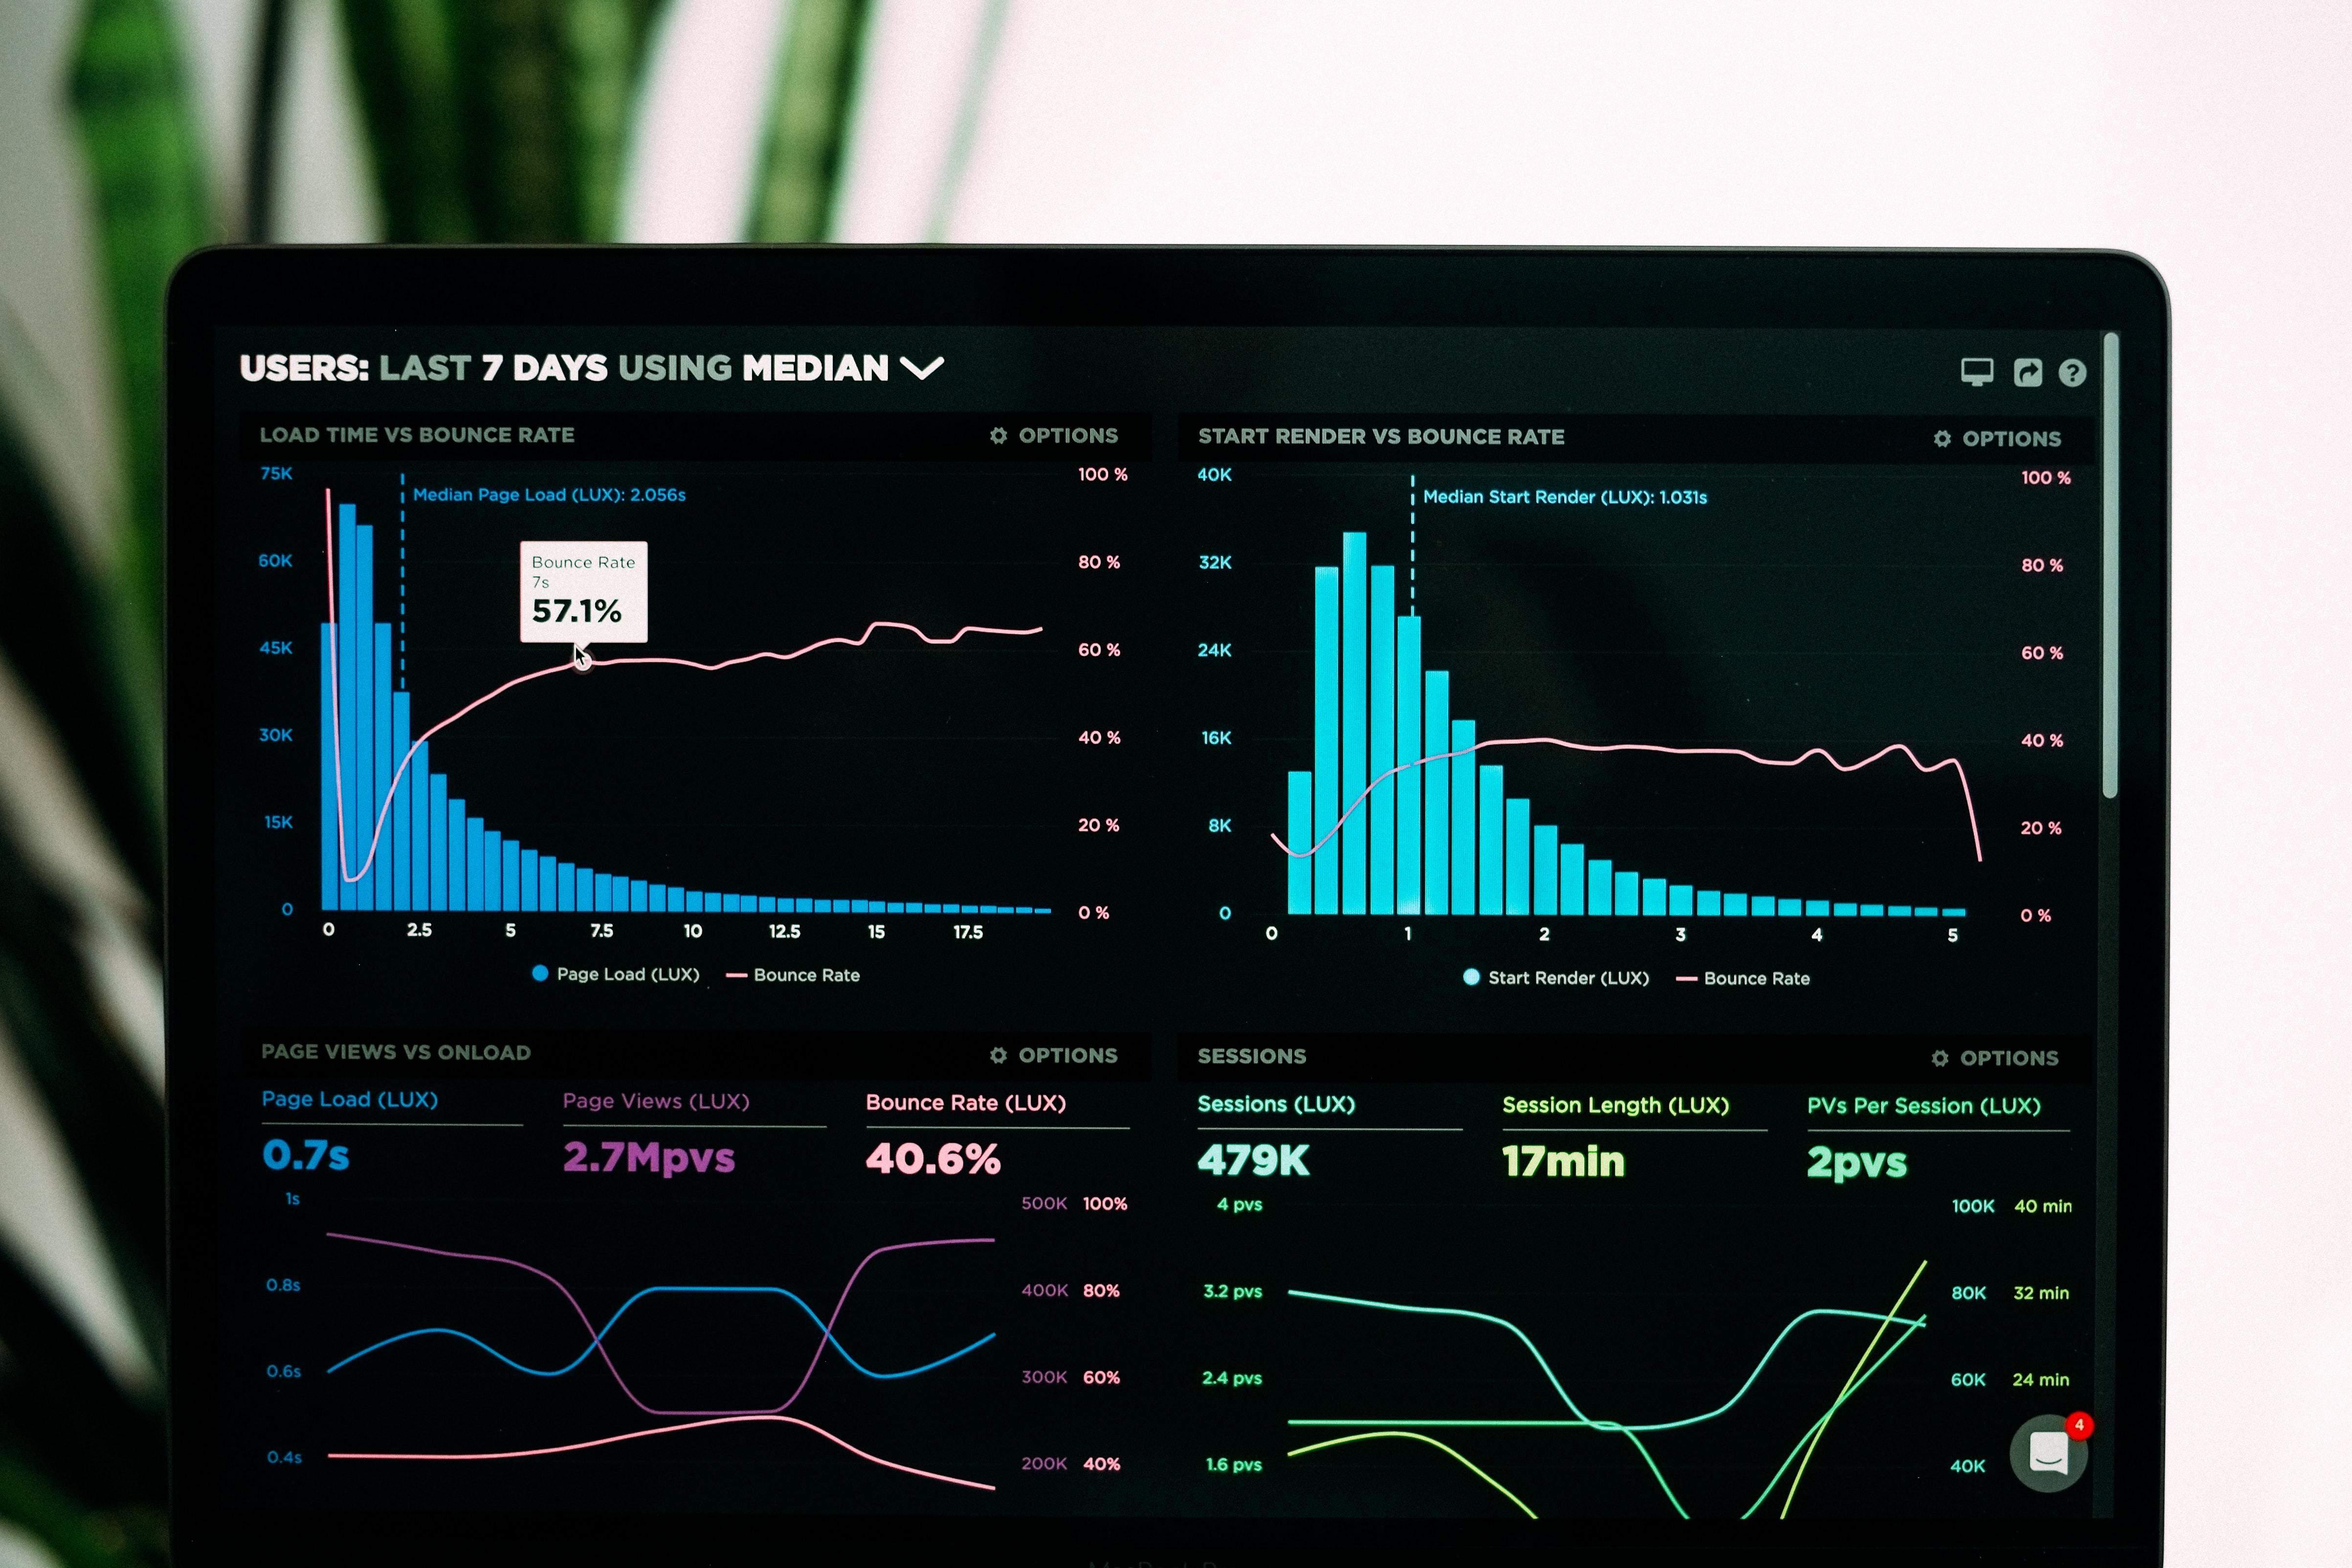 Візуальна презентація є важливою частиною роботи з клієнтами